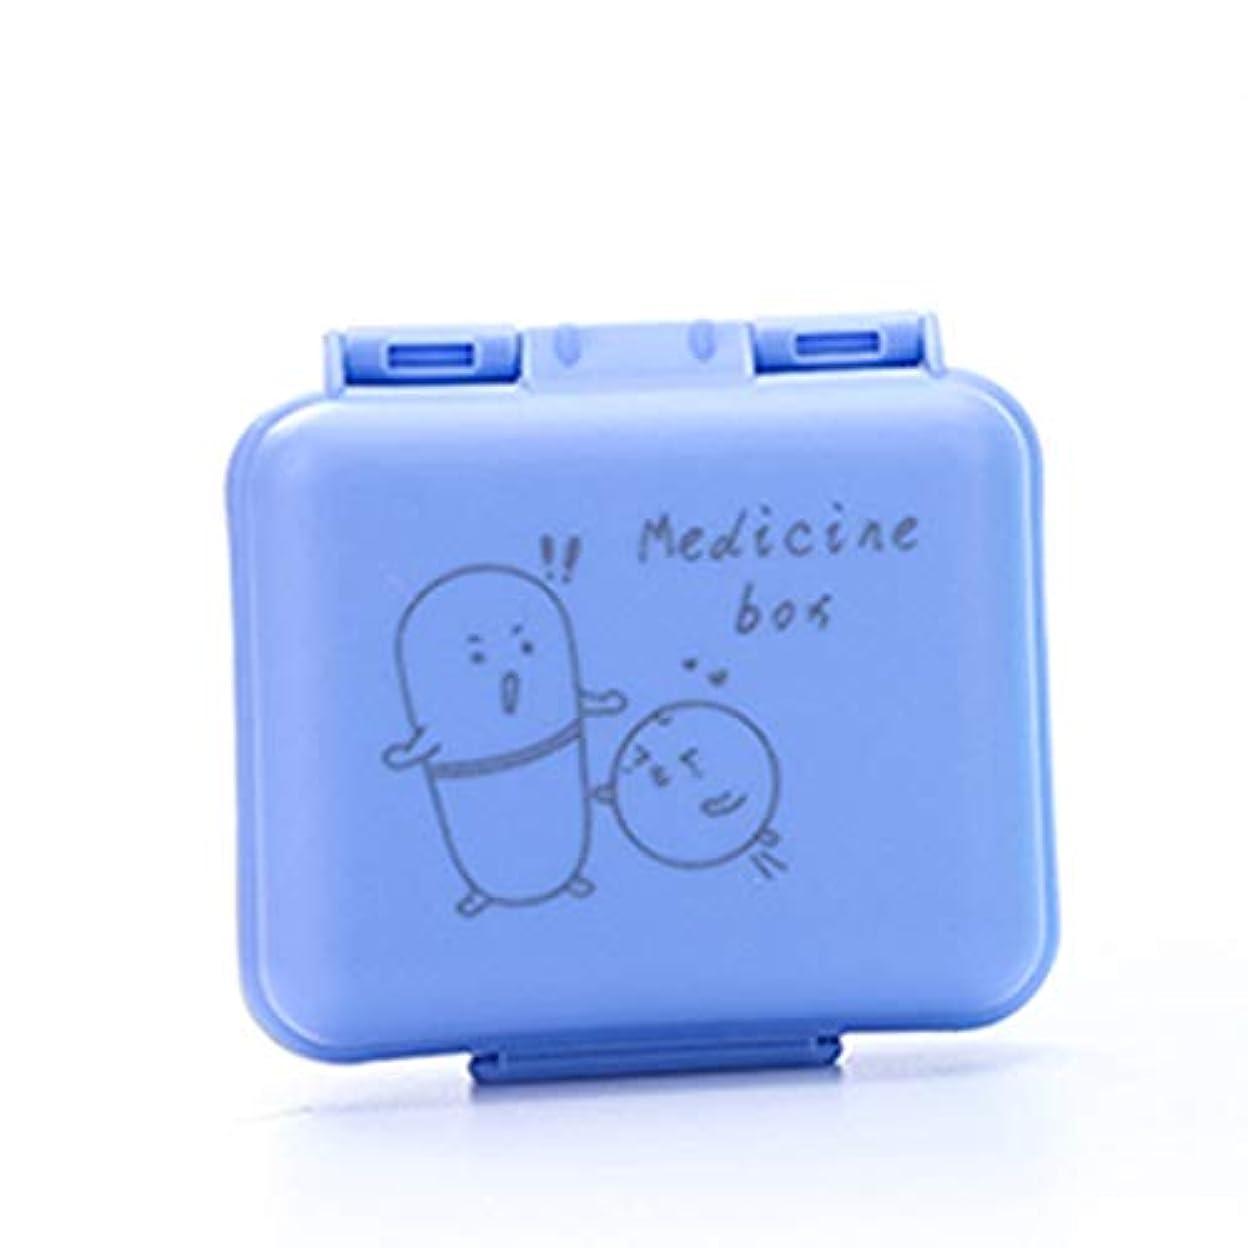 罪人タイプライター印象的なポータブルトラベルピルボックス1週間ポータブルミニピル薬箱いっぱい丸薬小さな調剤箱ピルボックス 薬箱 (Color : Blue, Size : 7.2cm×7.6cm×3cm)